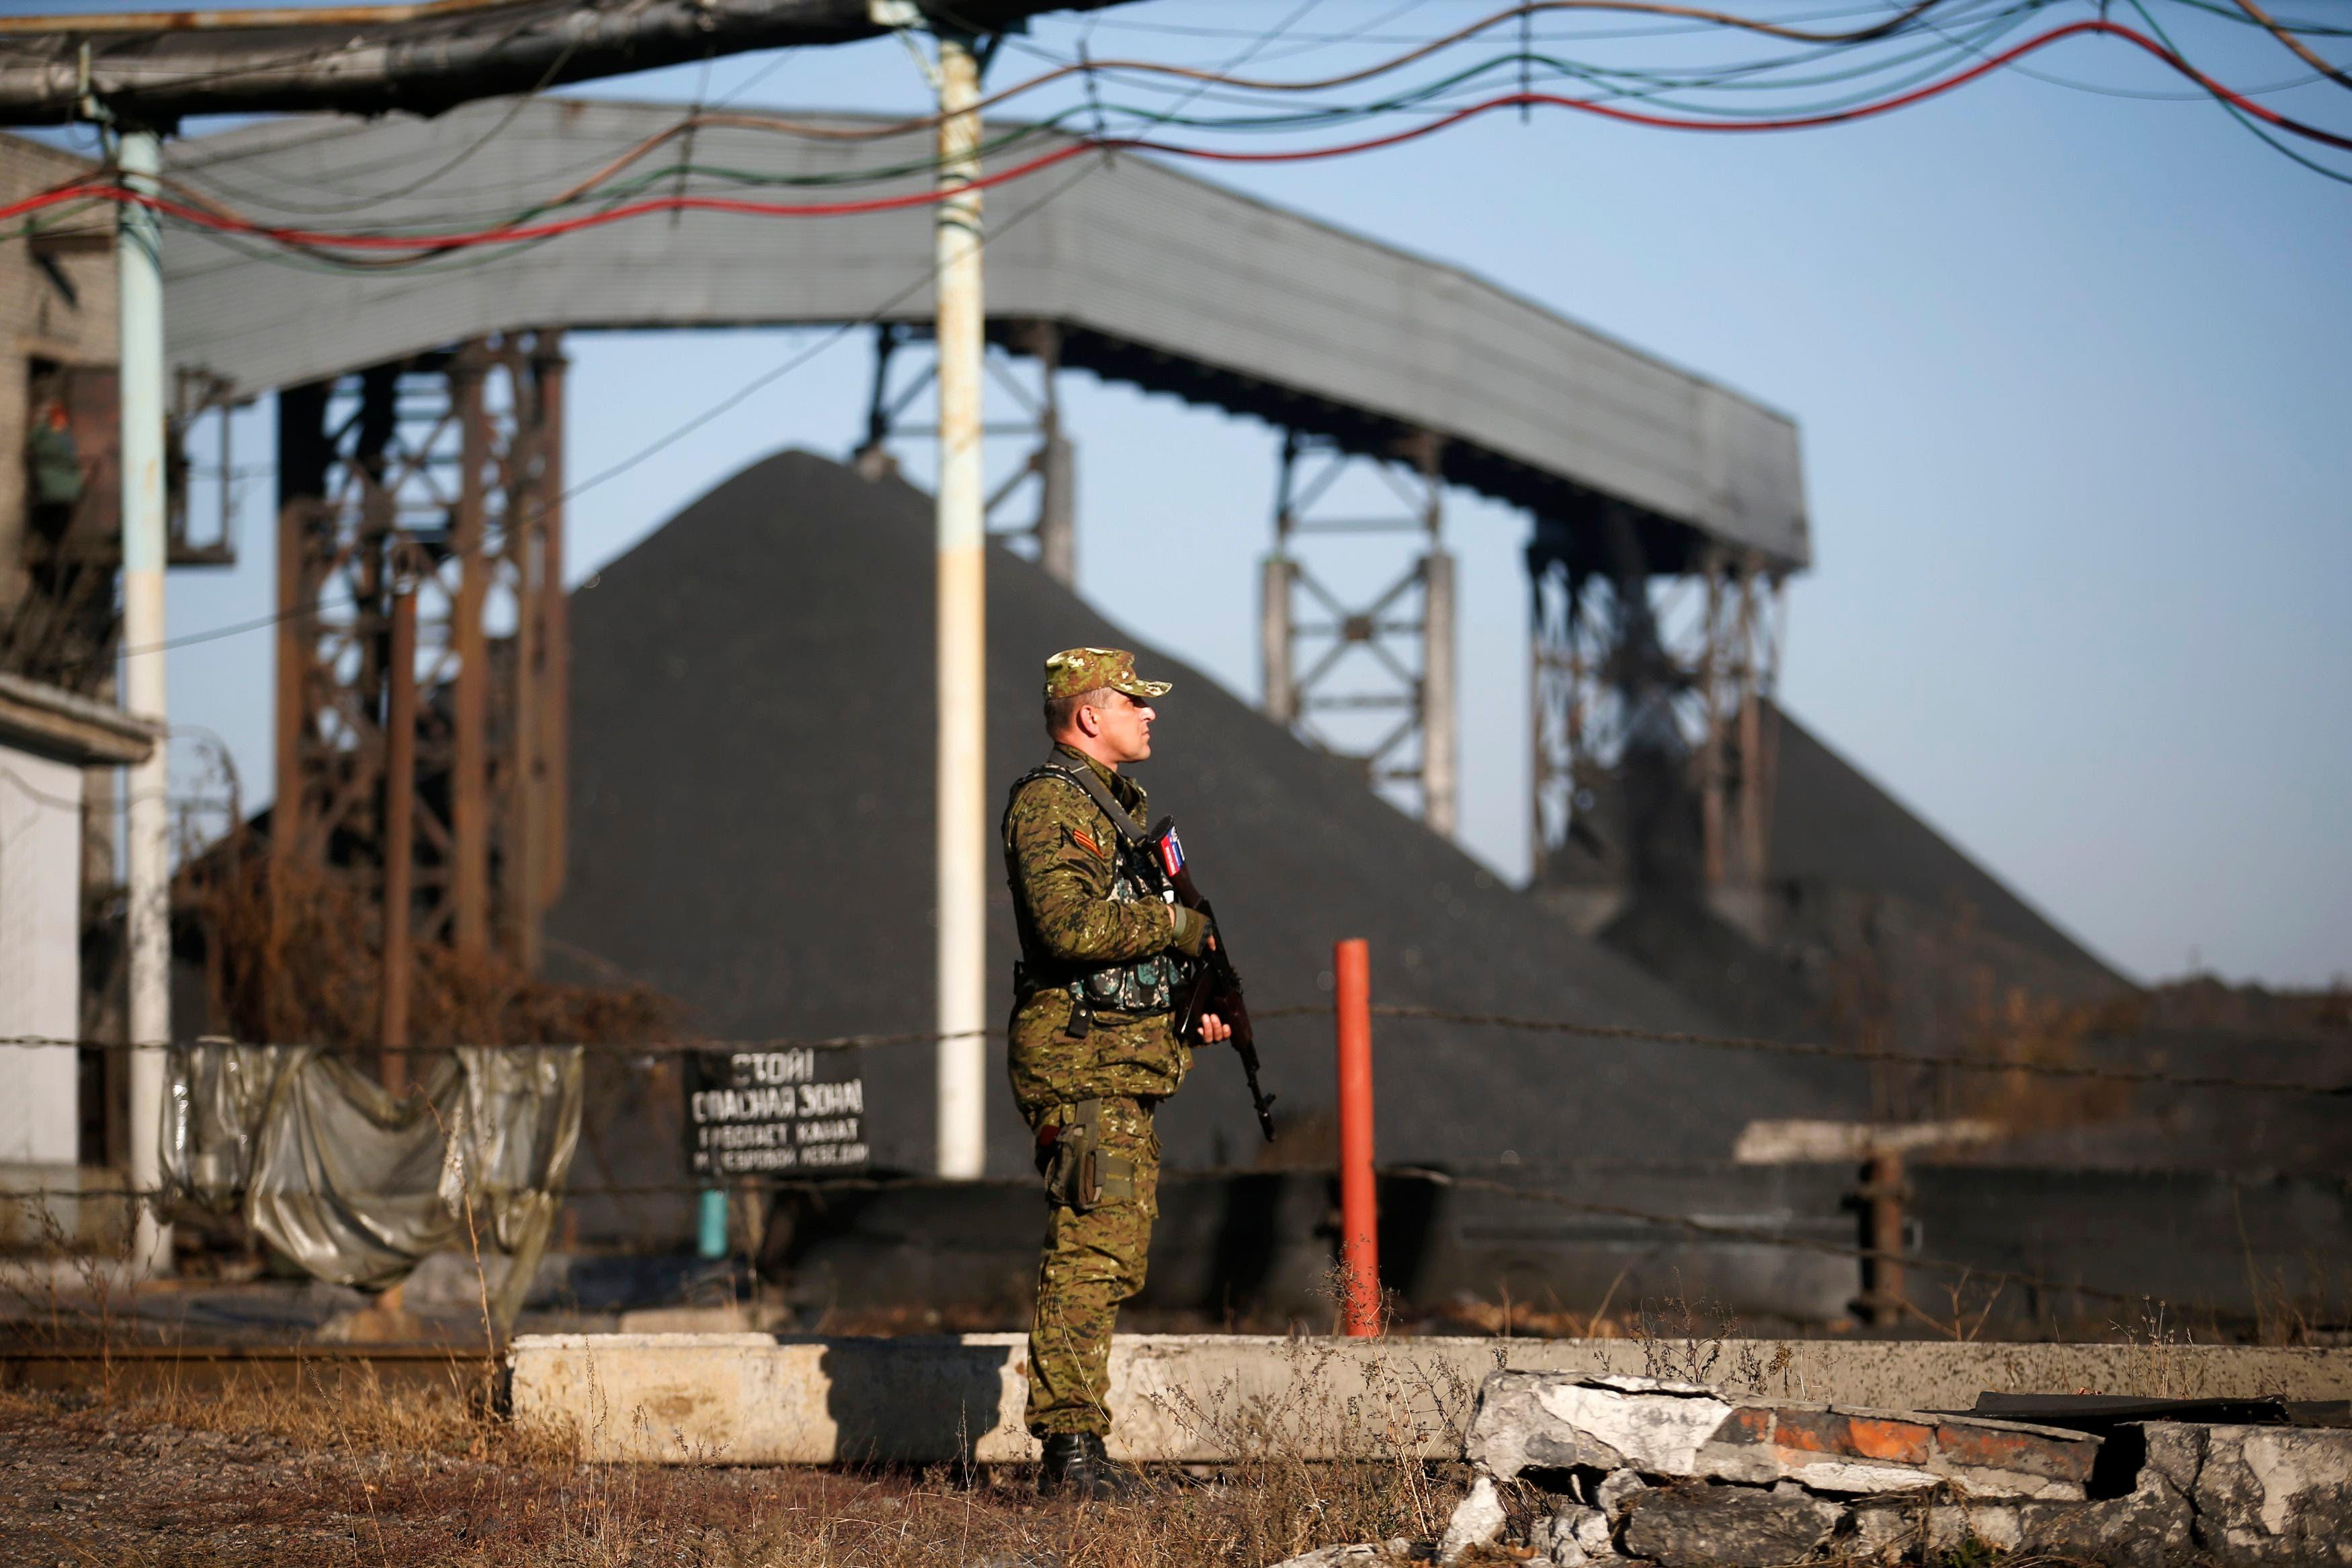 مقاتل موالٍ لروسيا في شرق أوكرانيا (فرانس برس)